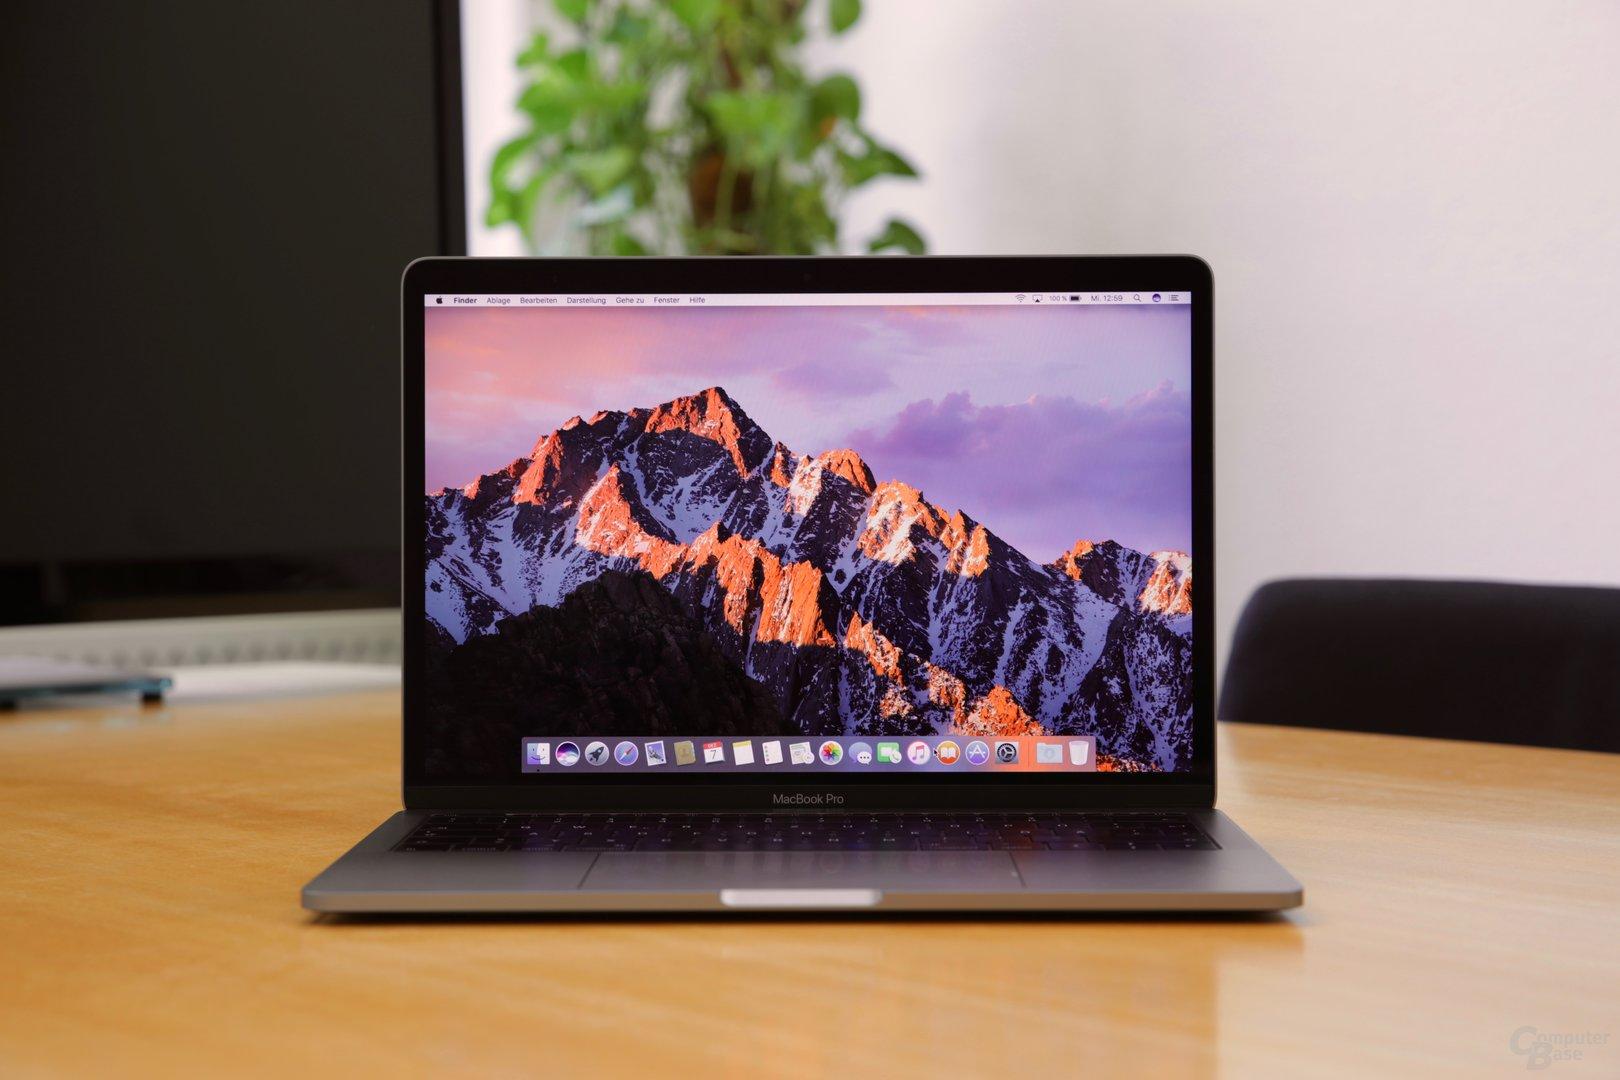 Das neue MacBook Pro in 13 Zoll ohne Touch Bar